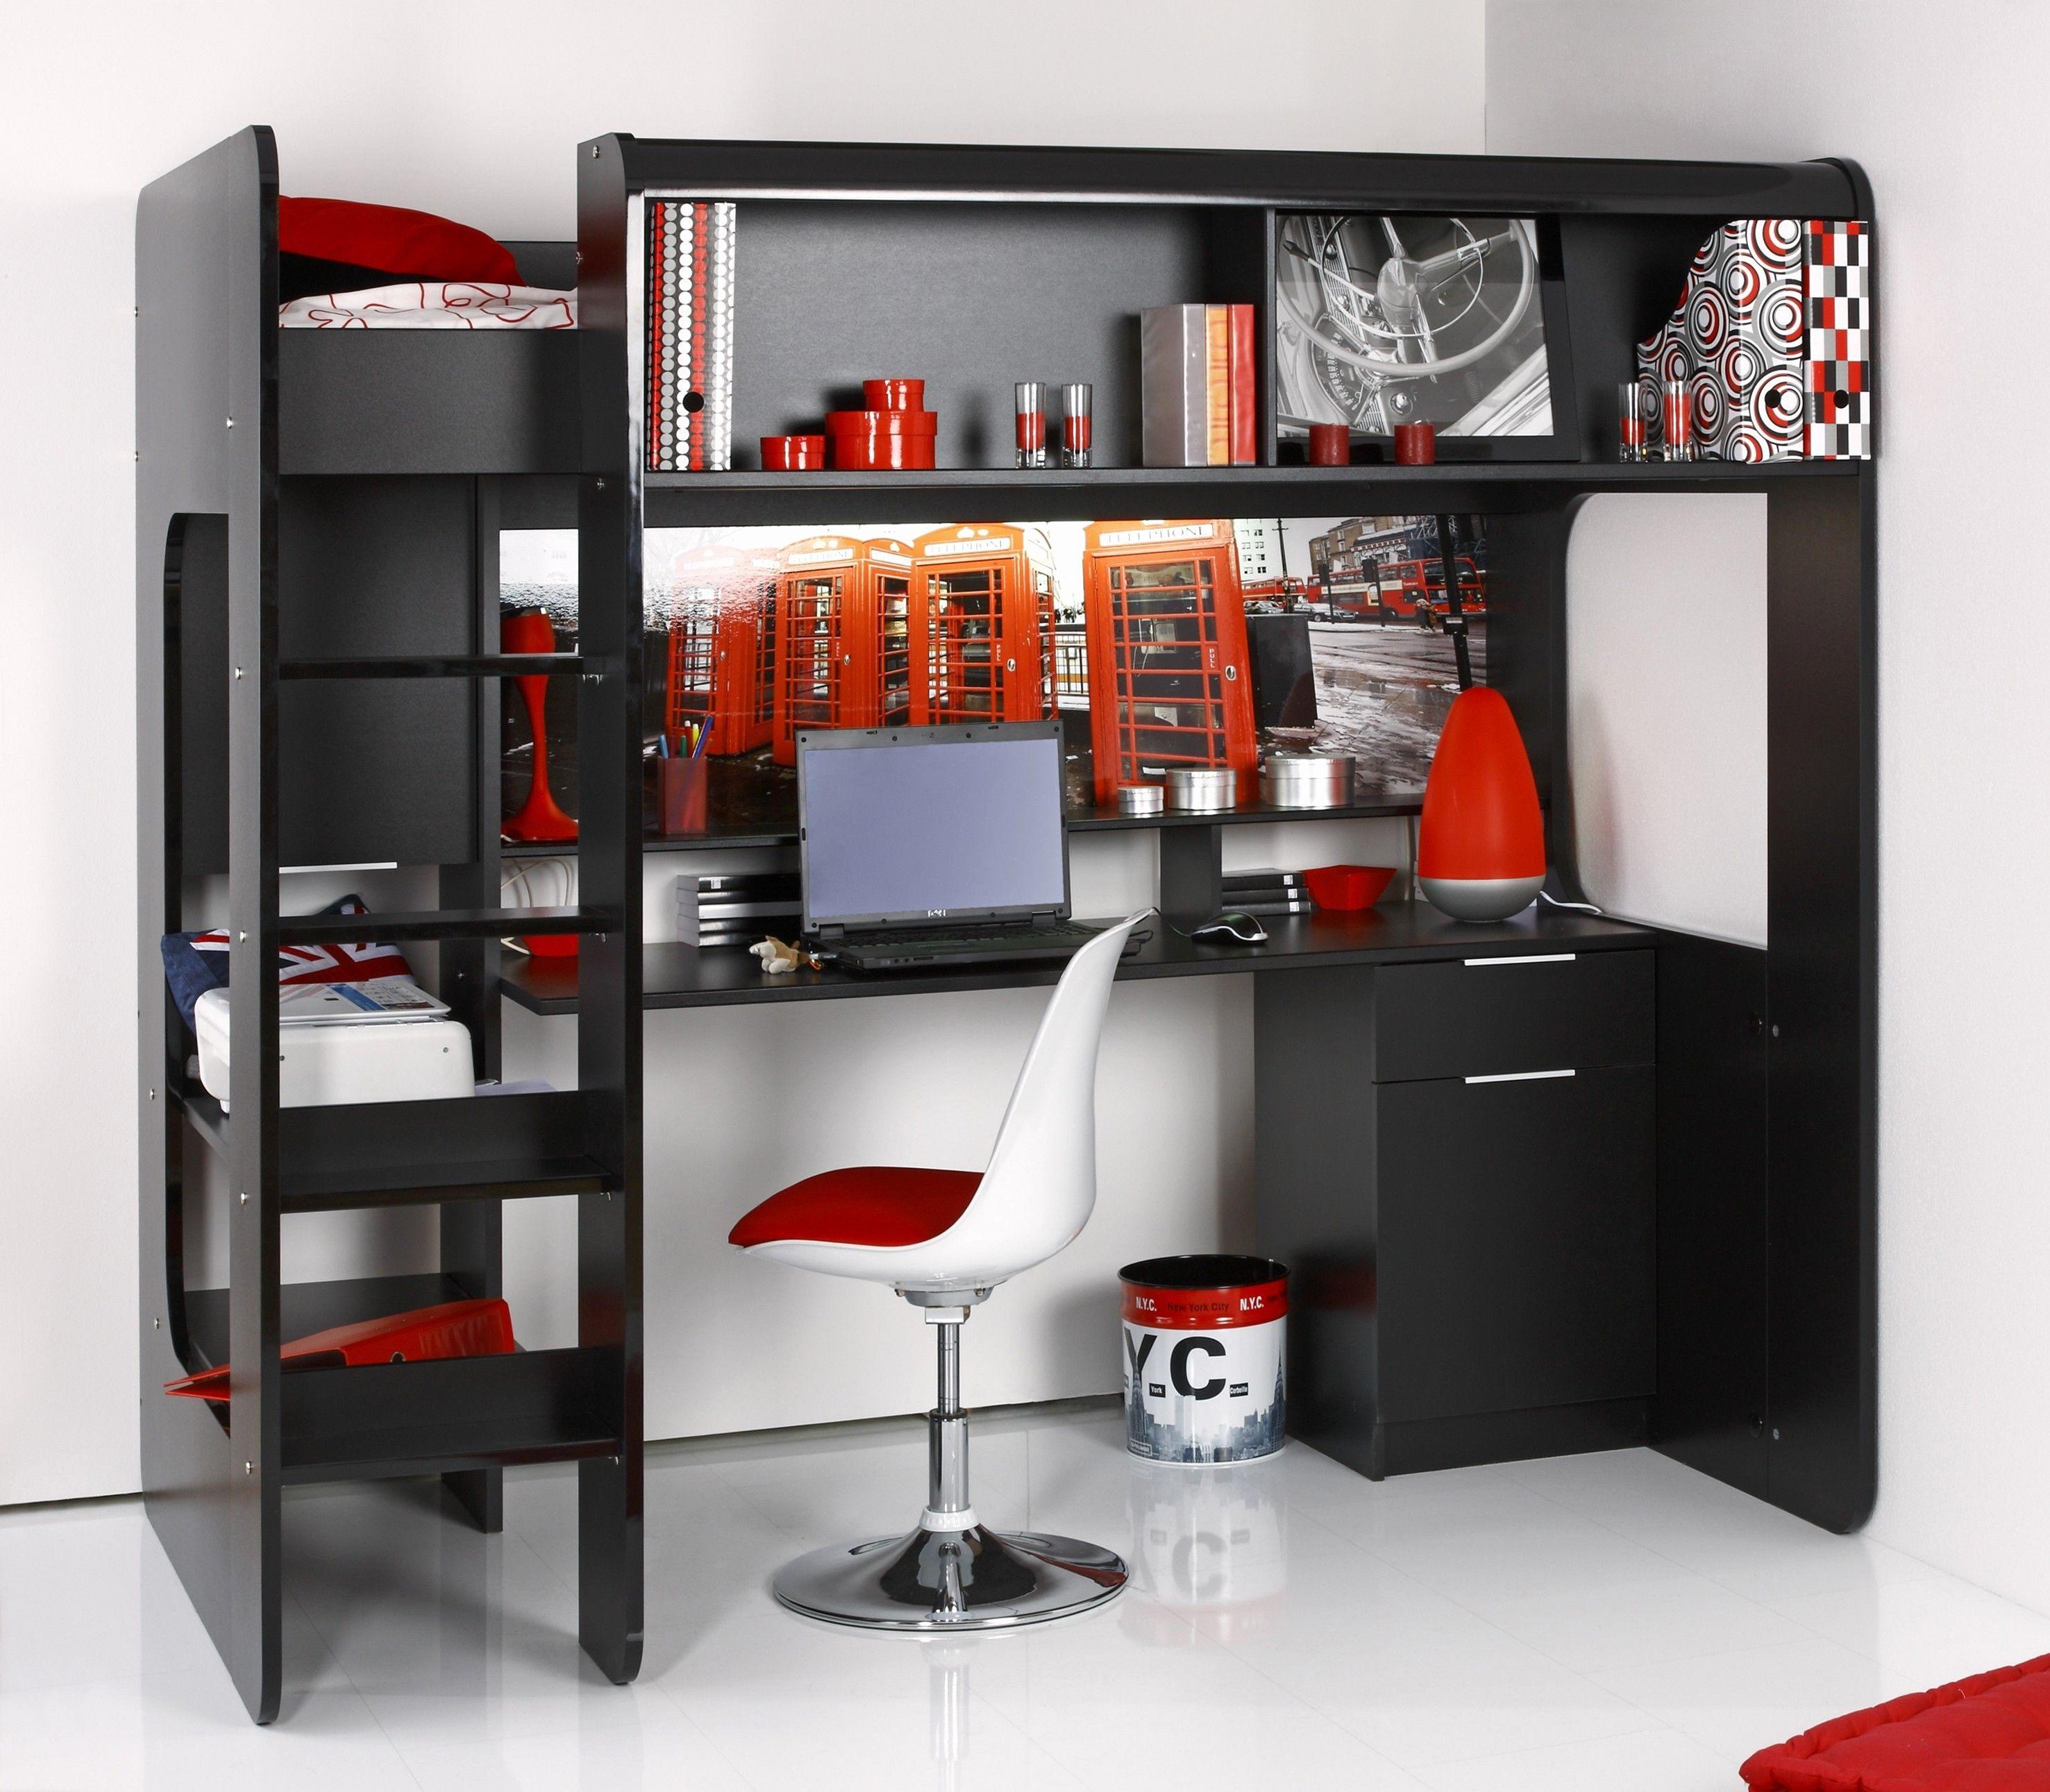 lit superpos bas magnifique lit superpos fille frais 14. Black Bedroom Furniture Sets. Home Design Ideas